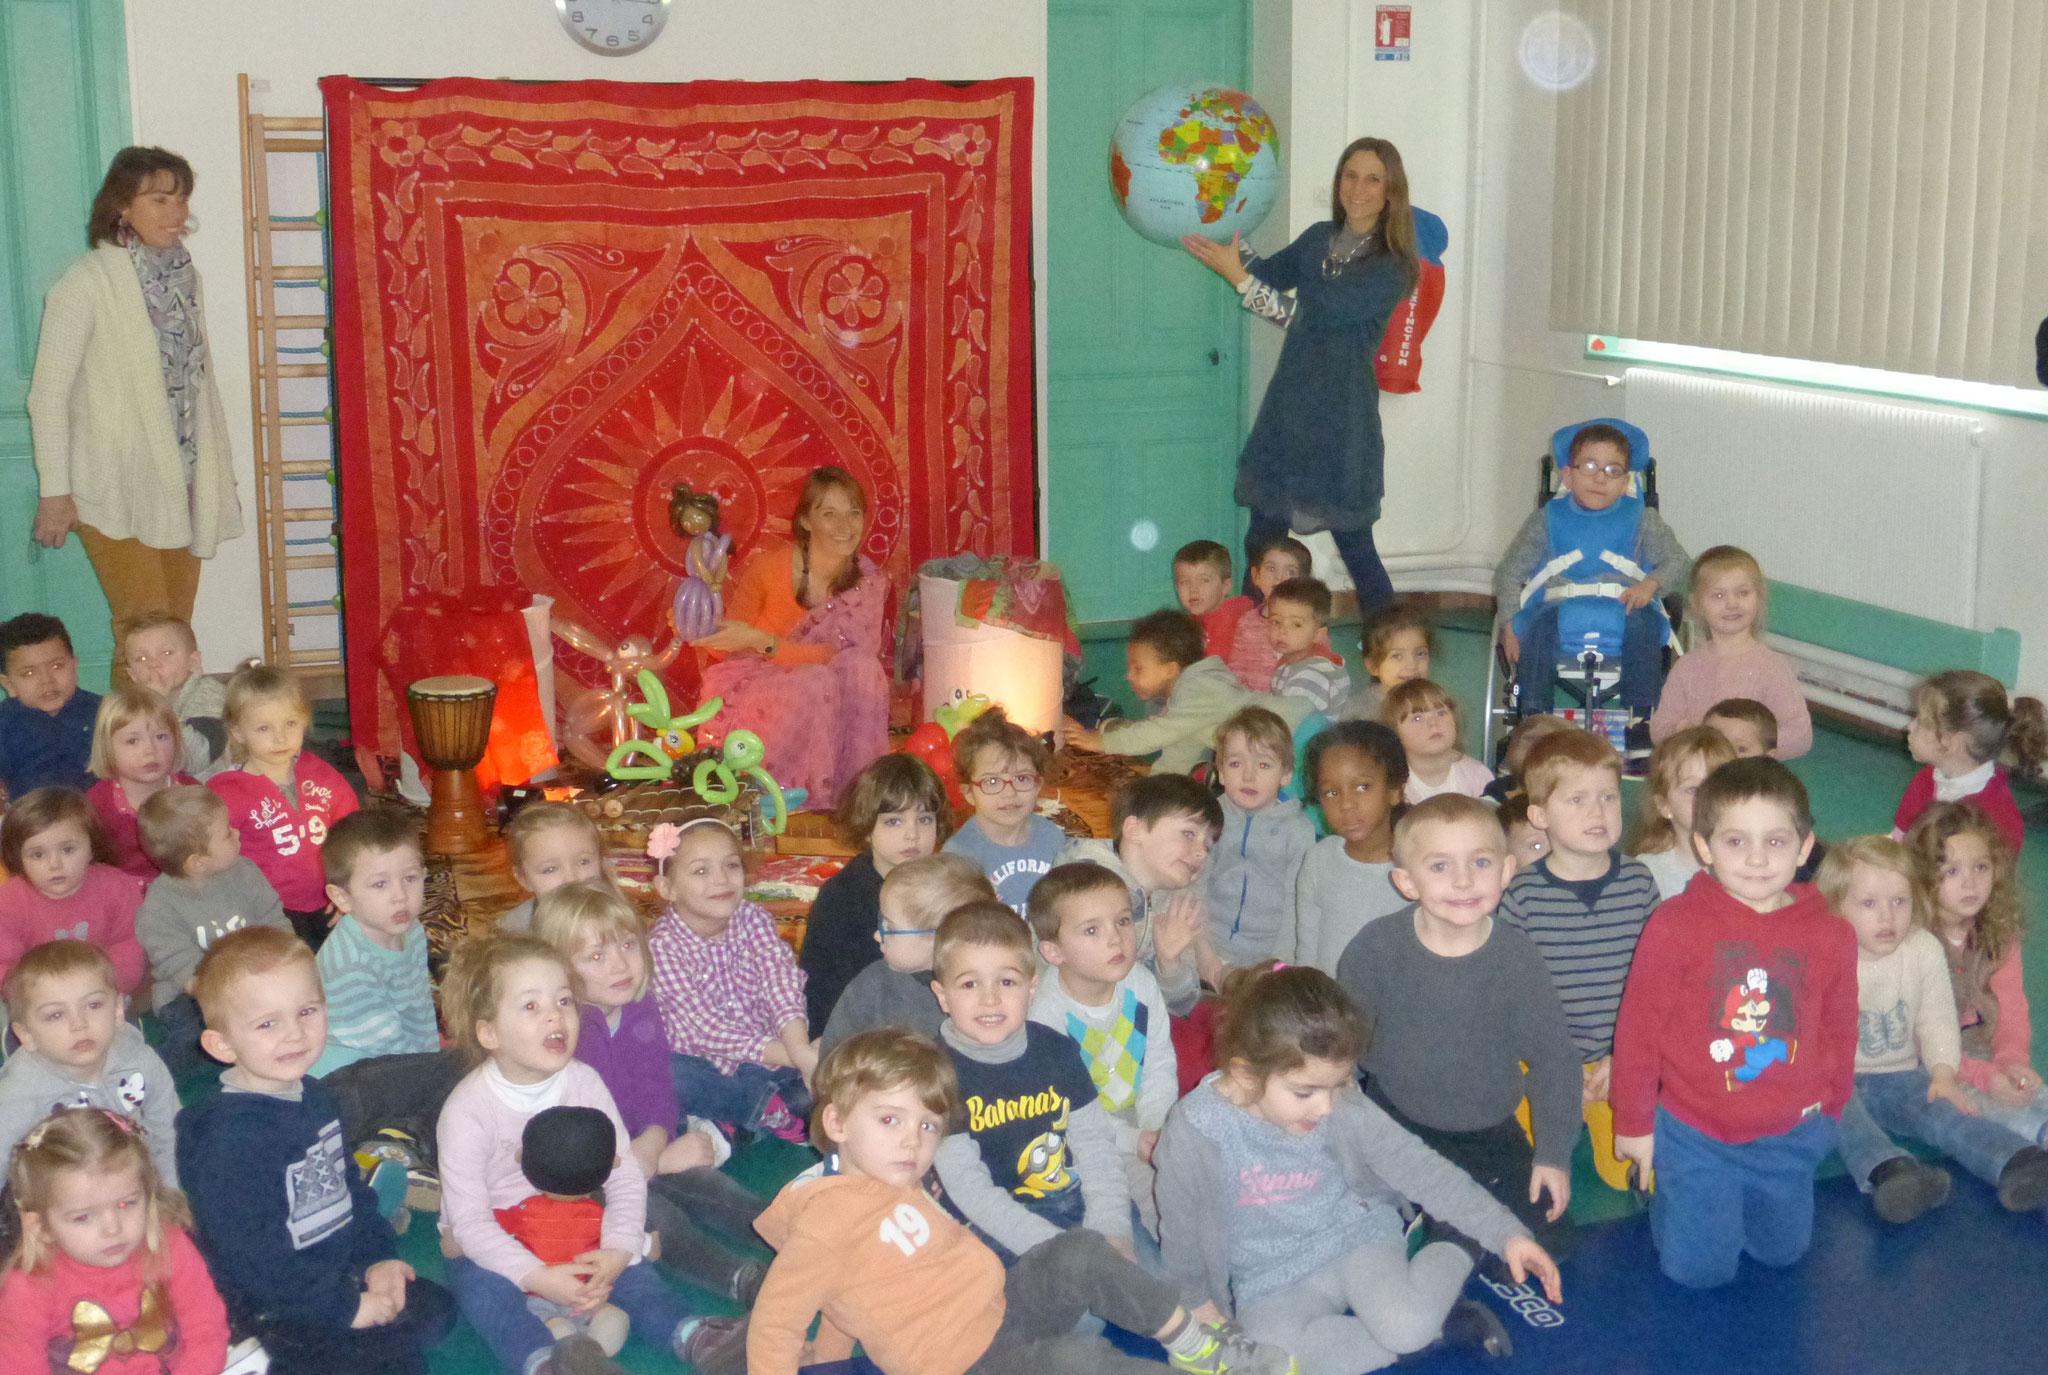 conte du monde, école, fraternité, vivre ensemble, paix dans le monde, écoles, Hiya et la clé du bonheur